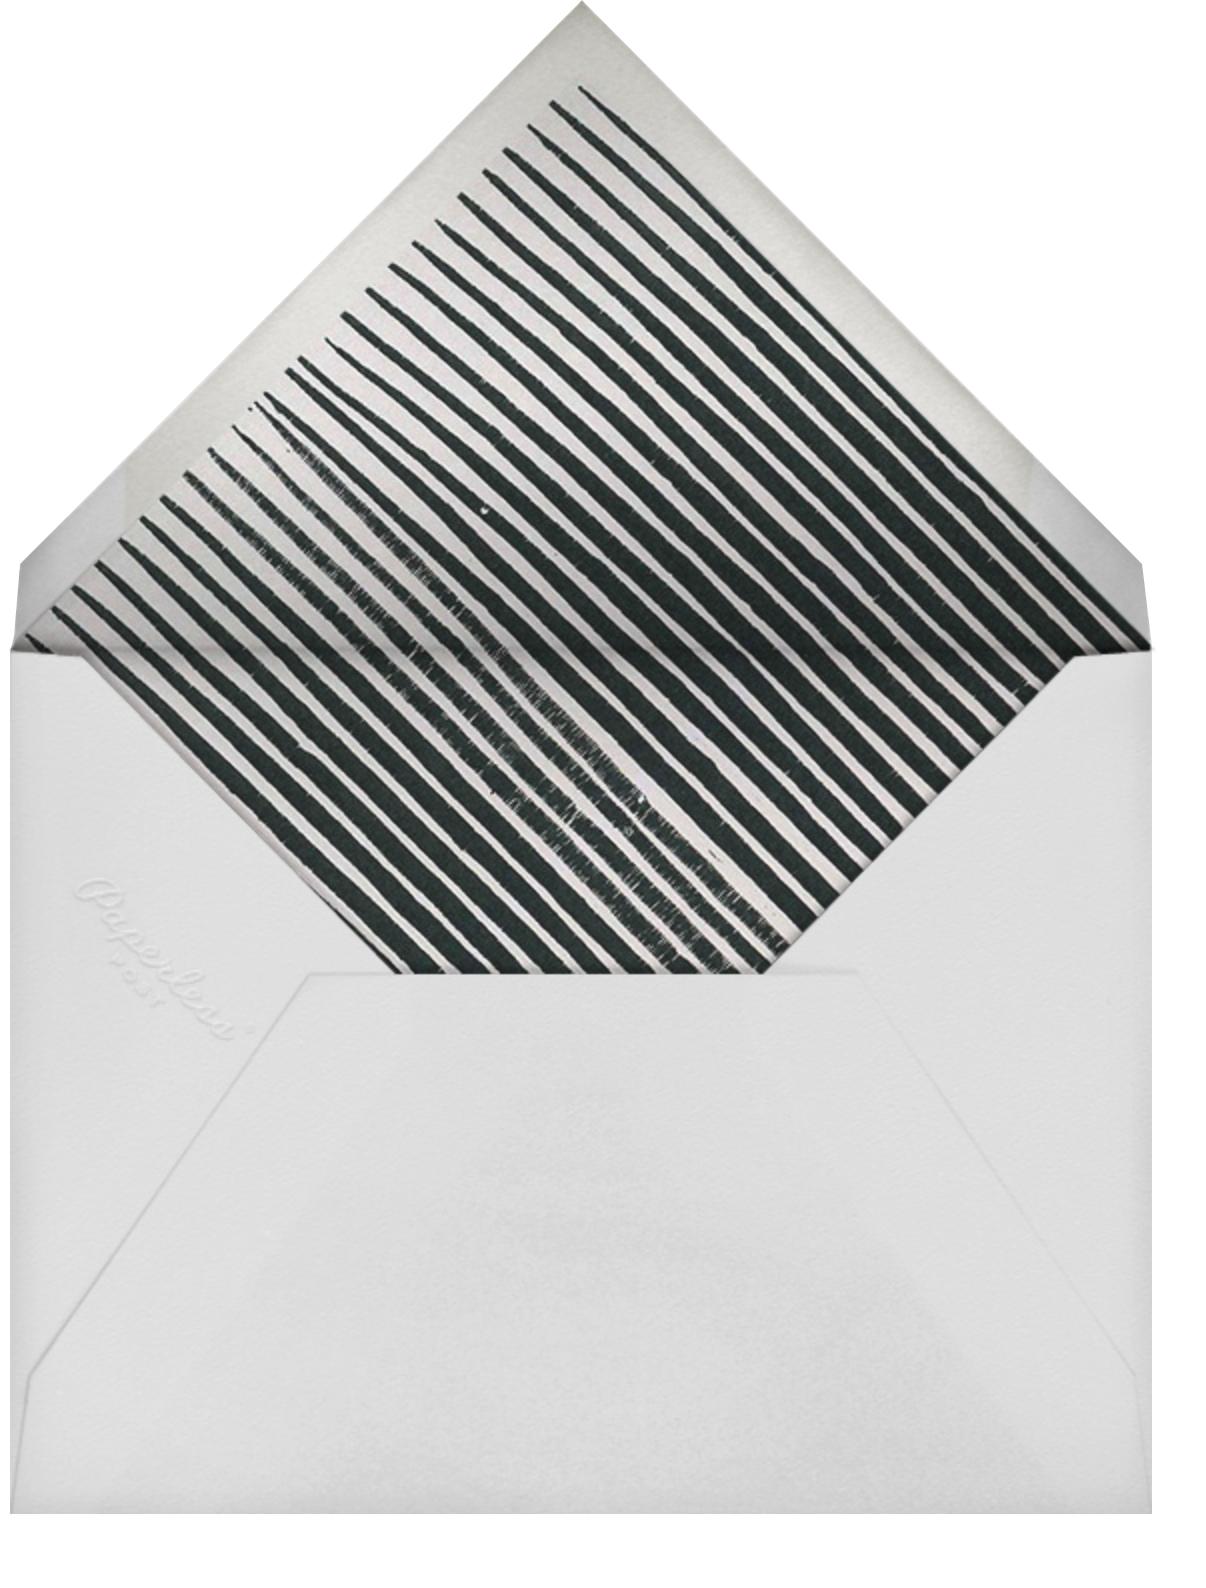 Paradigm (Invitation) - Kelly Wearstler - All - envelope back